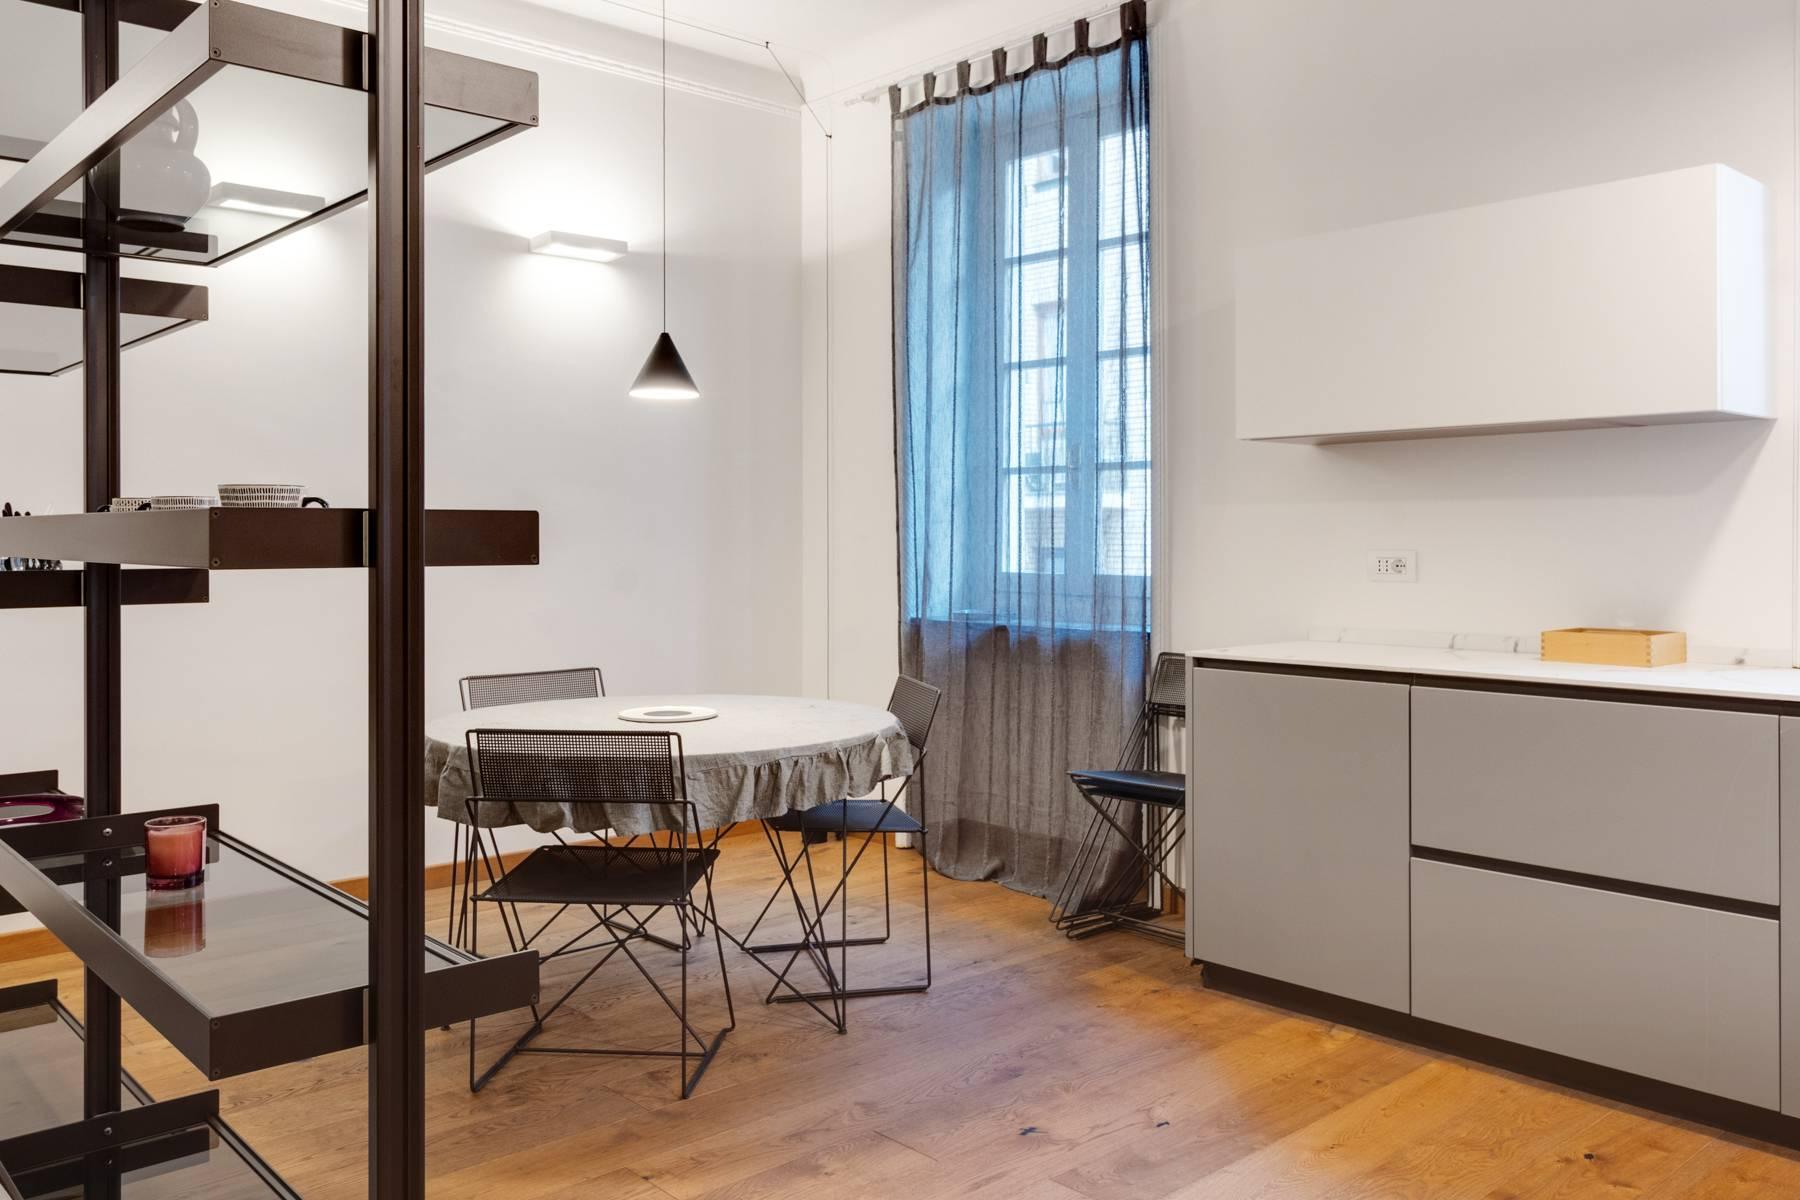 Appartamento in Affitto a Torino: 3 locali, 86 mq - Foto 7